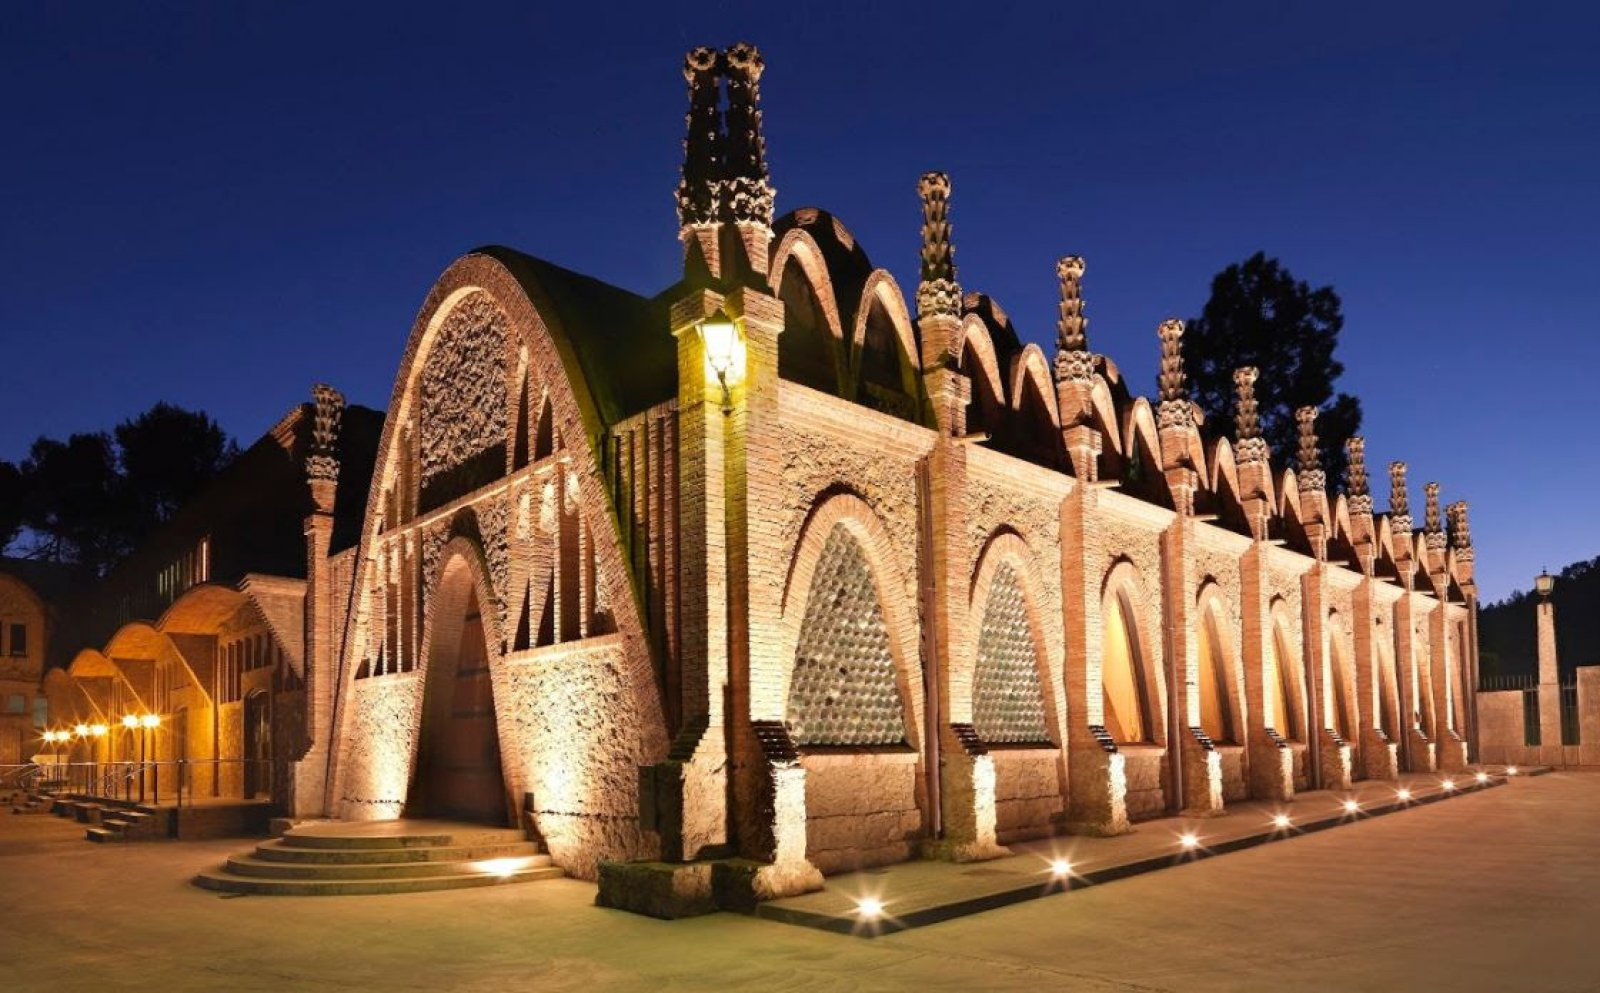 Vista nocturna del  exterior de la sala Puig i Cadafalch  de Codorníu